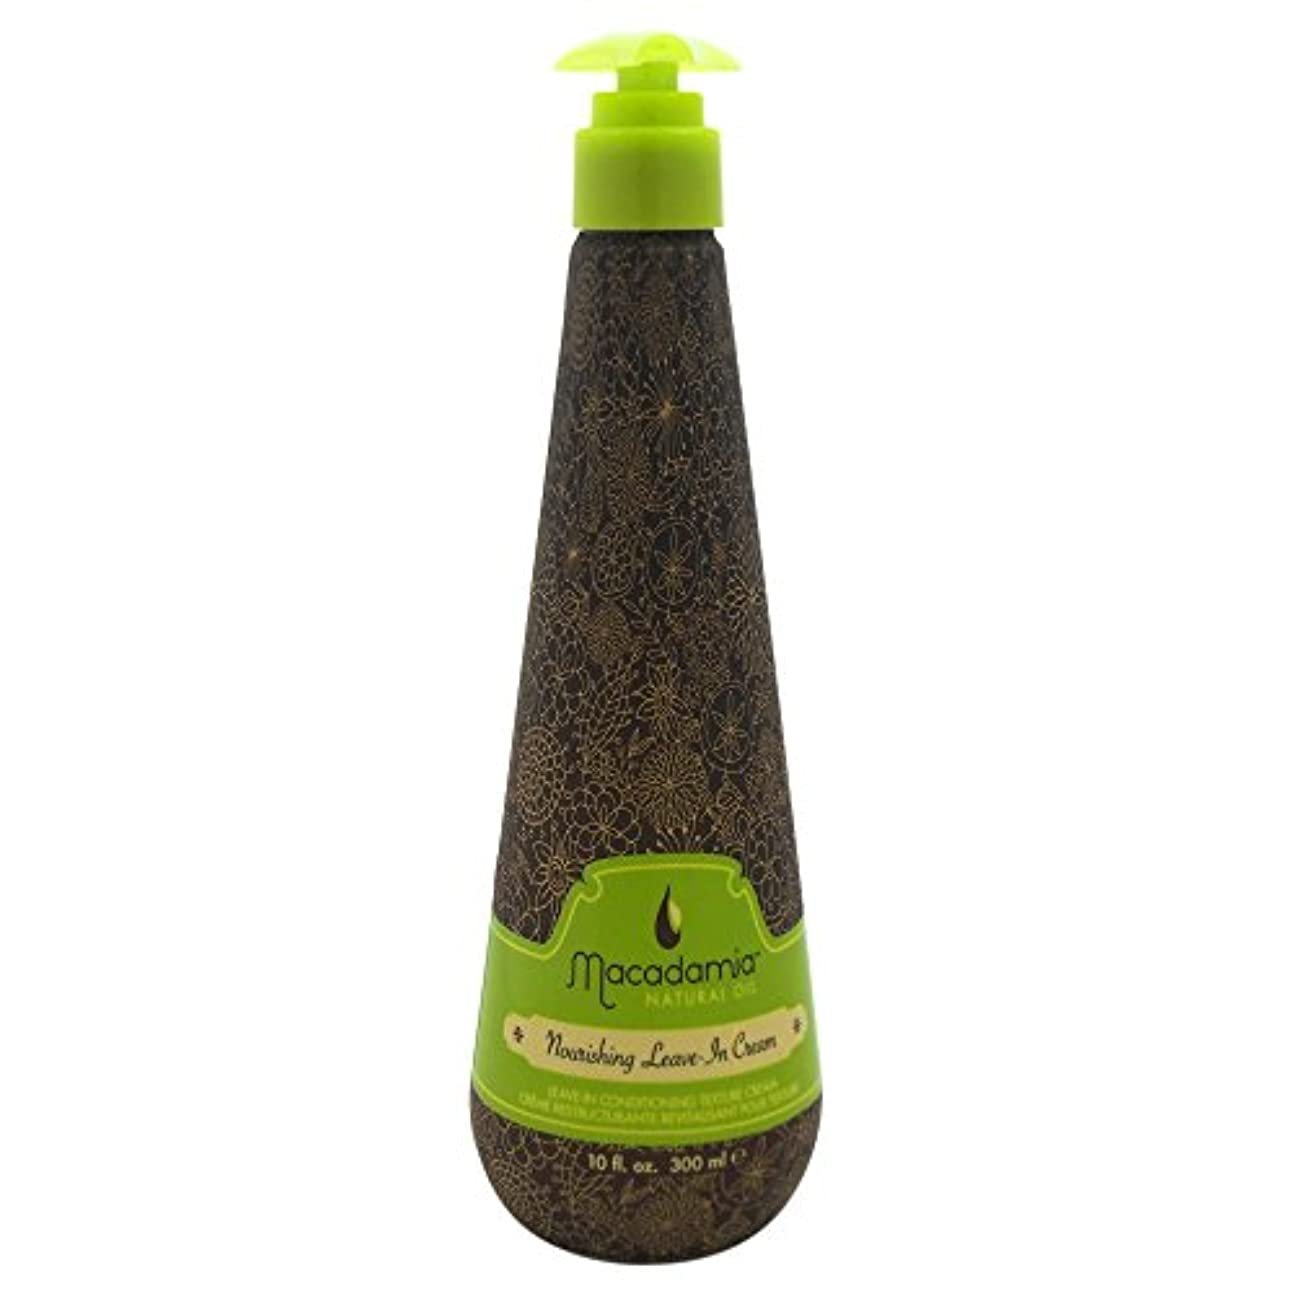 付けるめったにペイントマカダミア ナチュラルオイル(Macadamia NATURAL OIL) MNO ナリシング リーヴイン クリーム 300ml [並行輸入品]